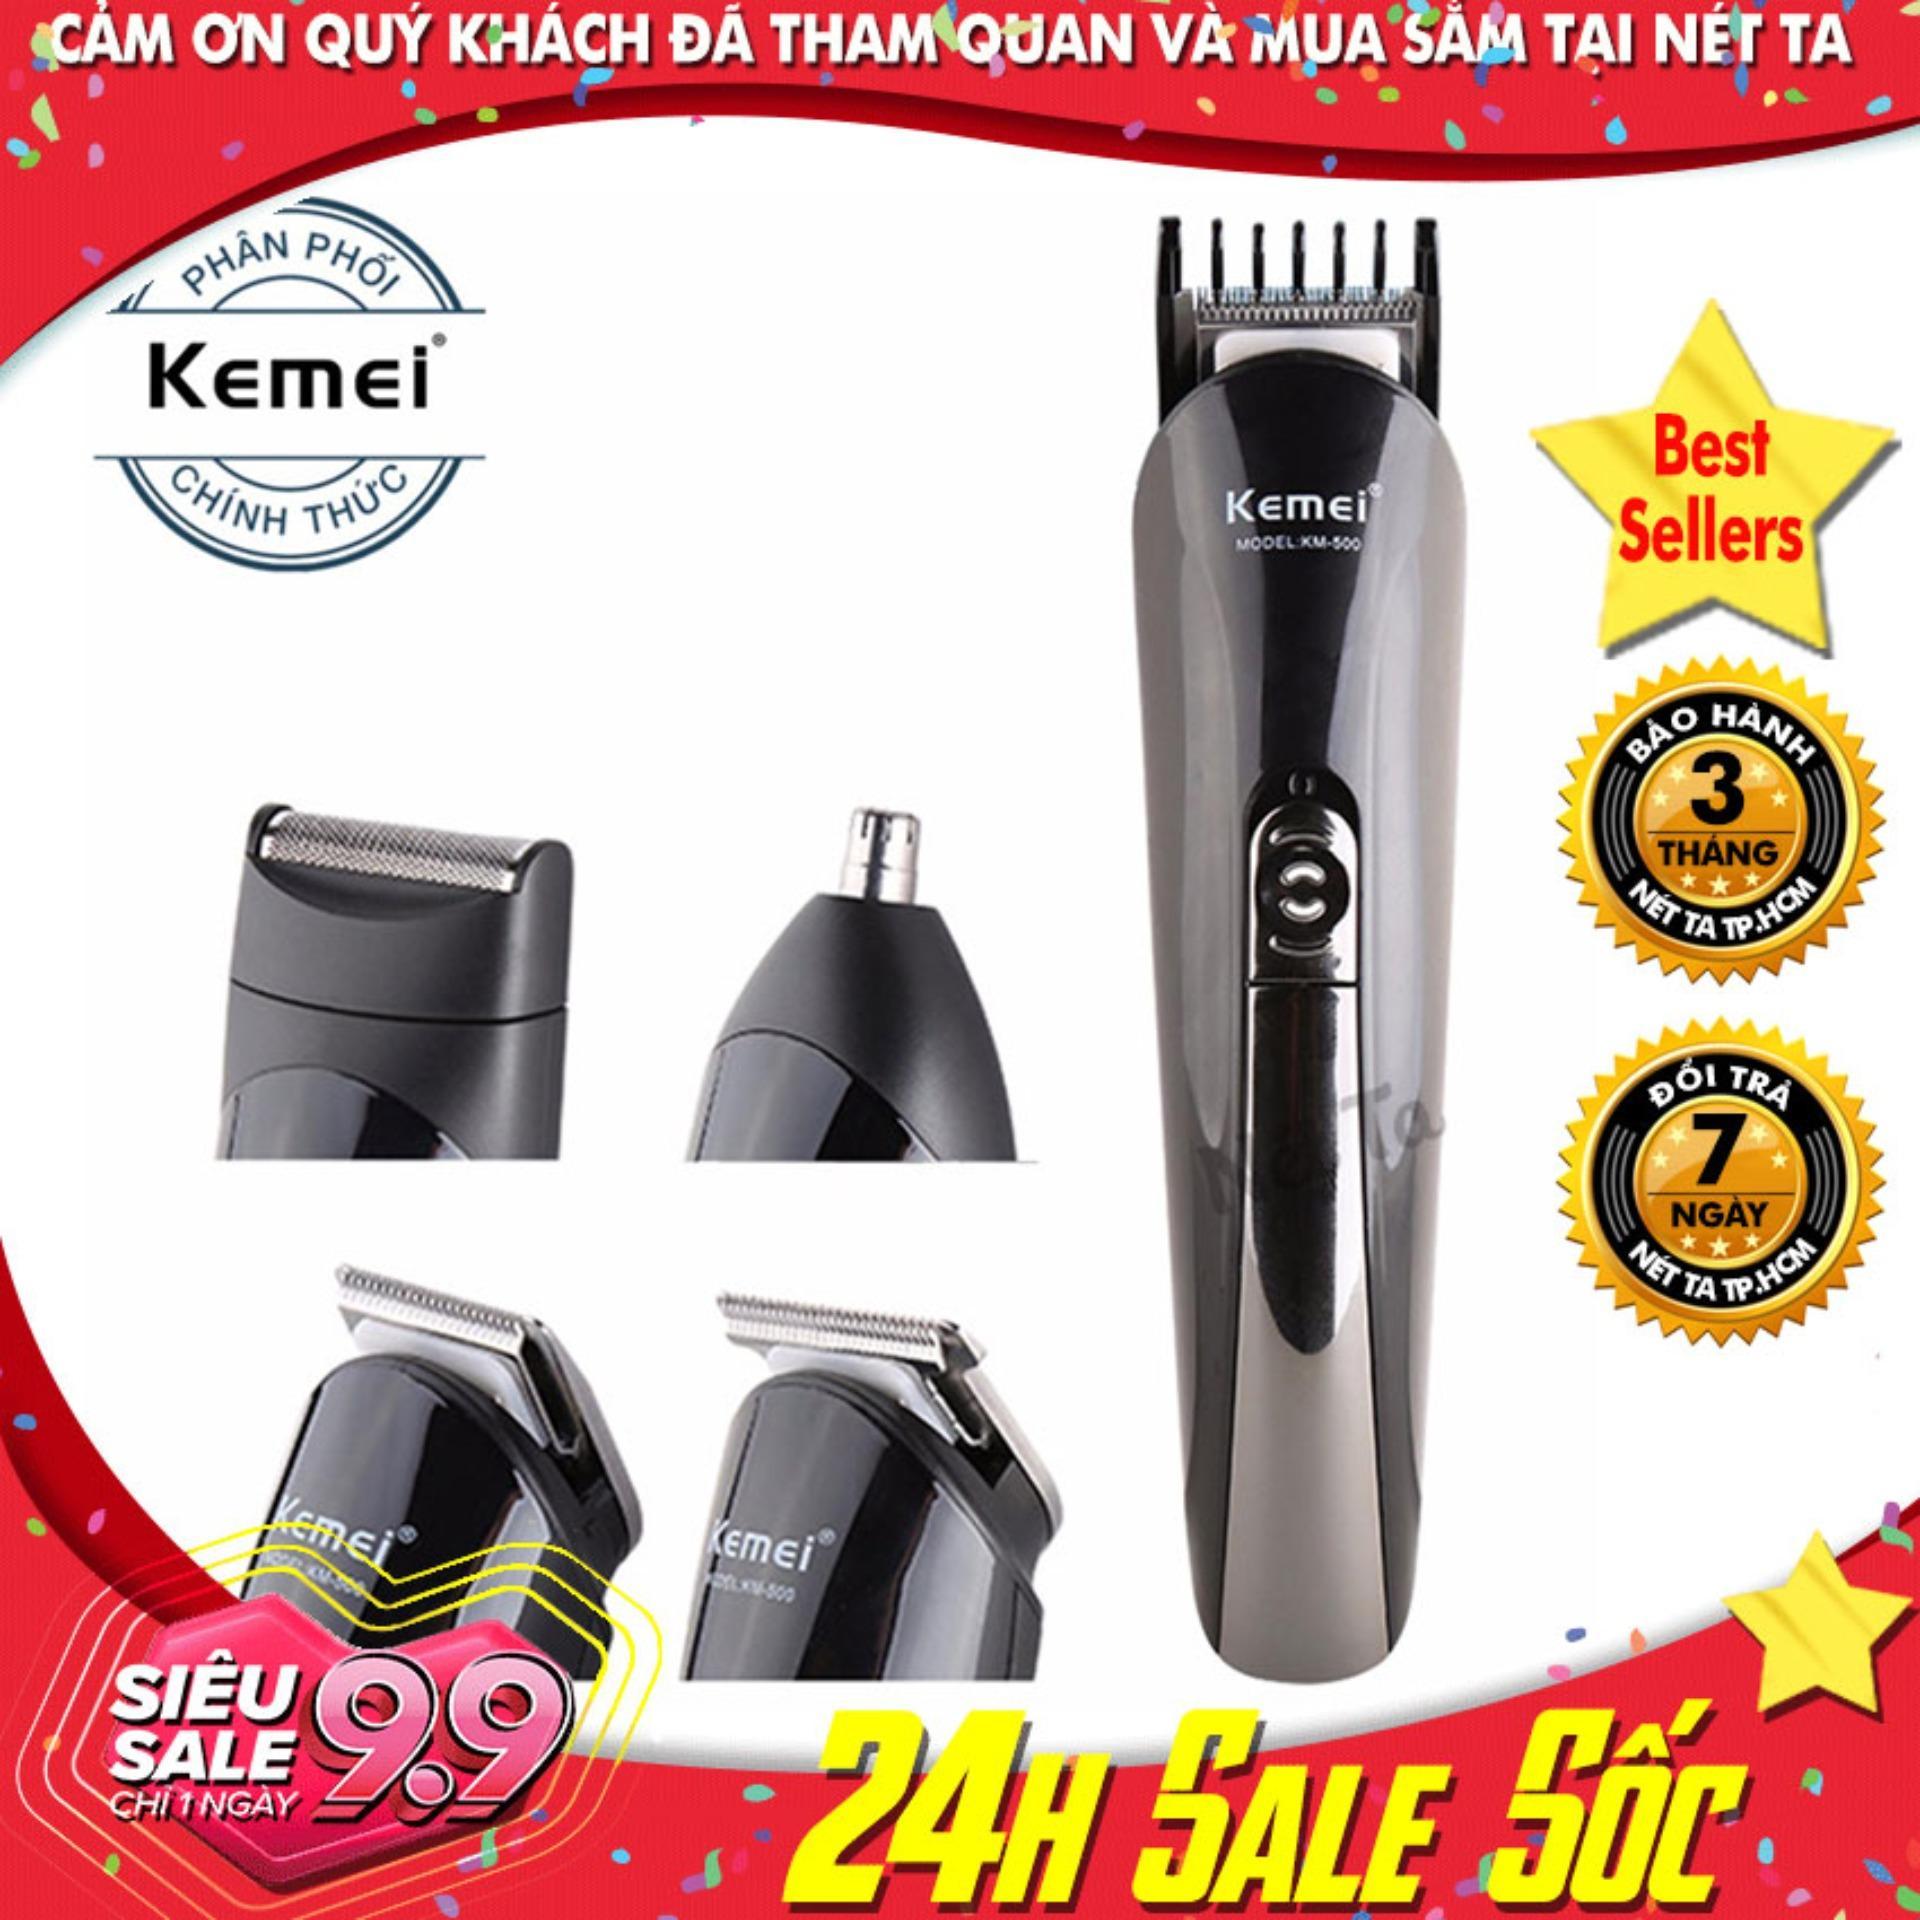 Tông đơ cắt tóc 4in1 Kemei KM-500 - Hãng phân phối chính thức chính hãng